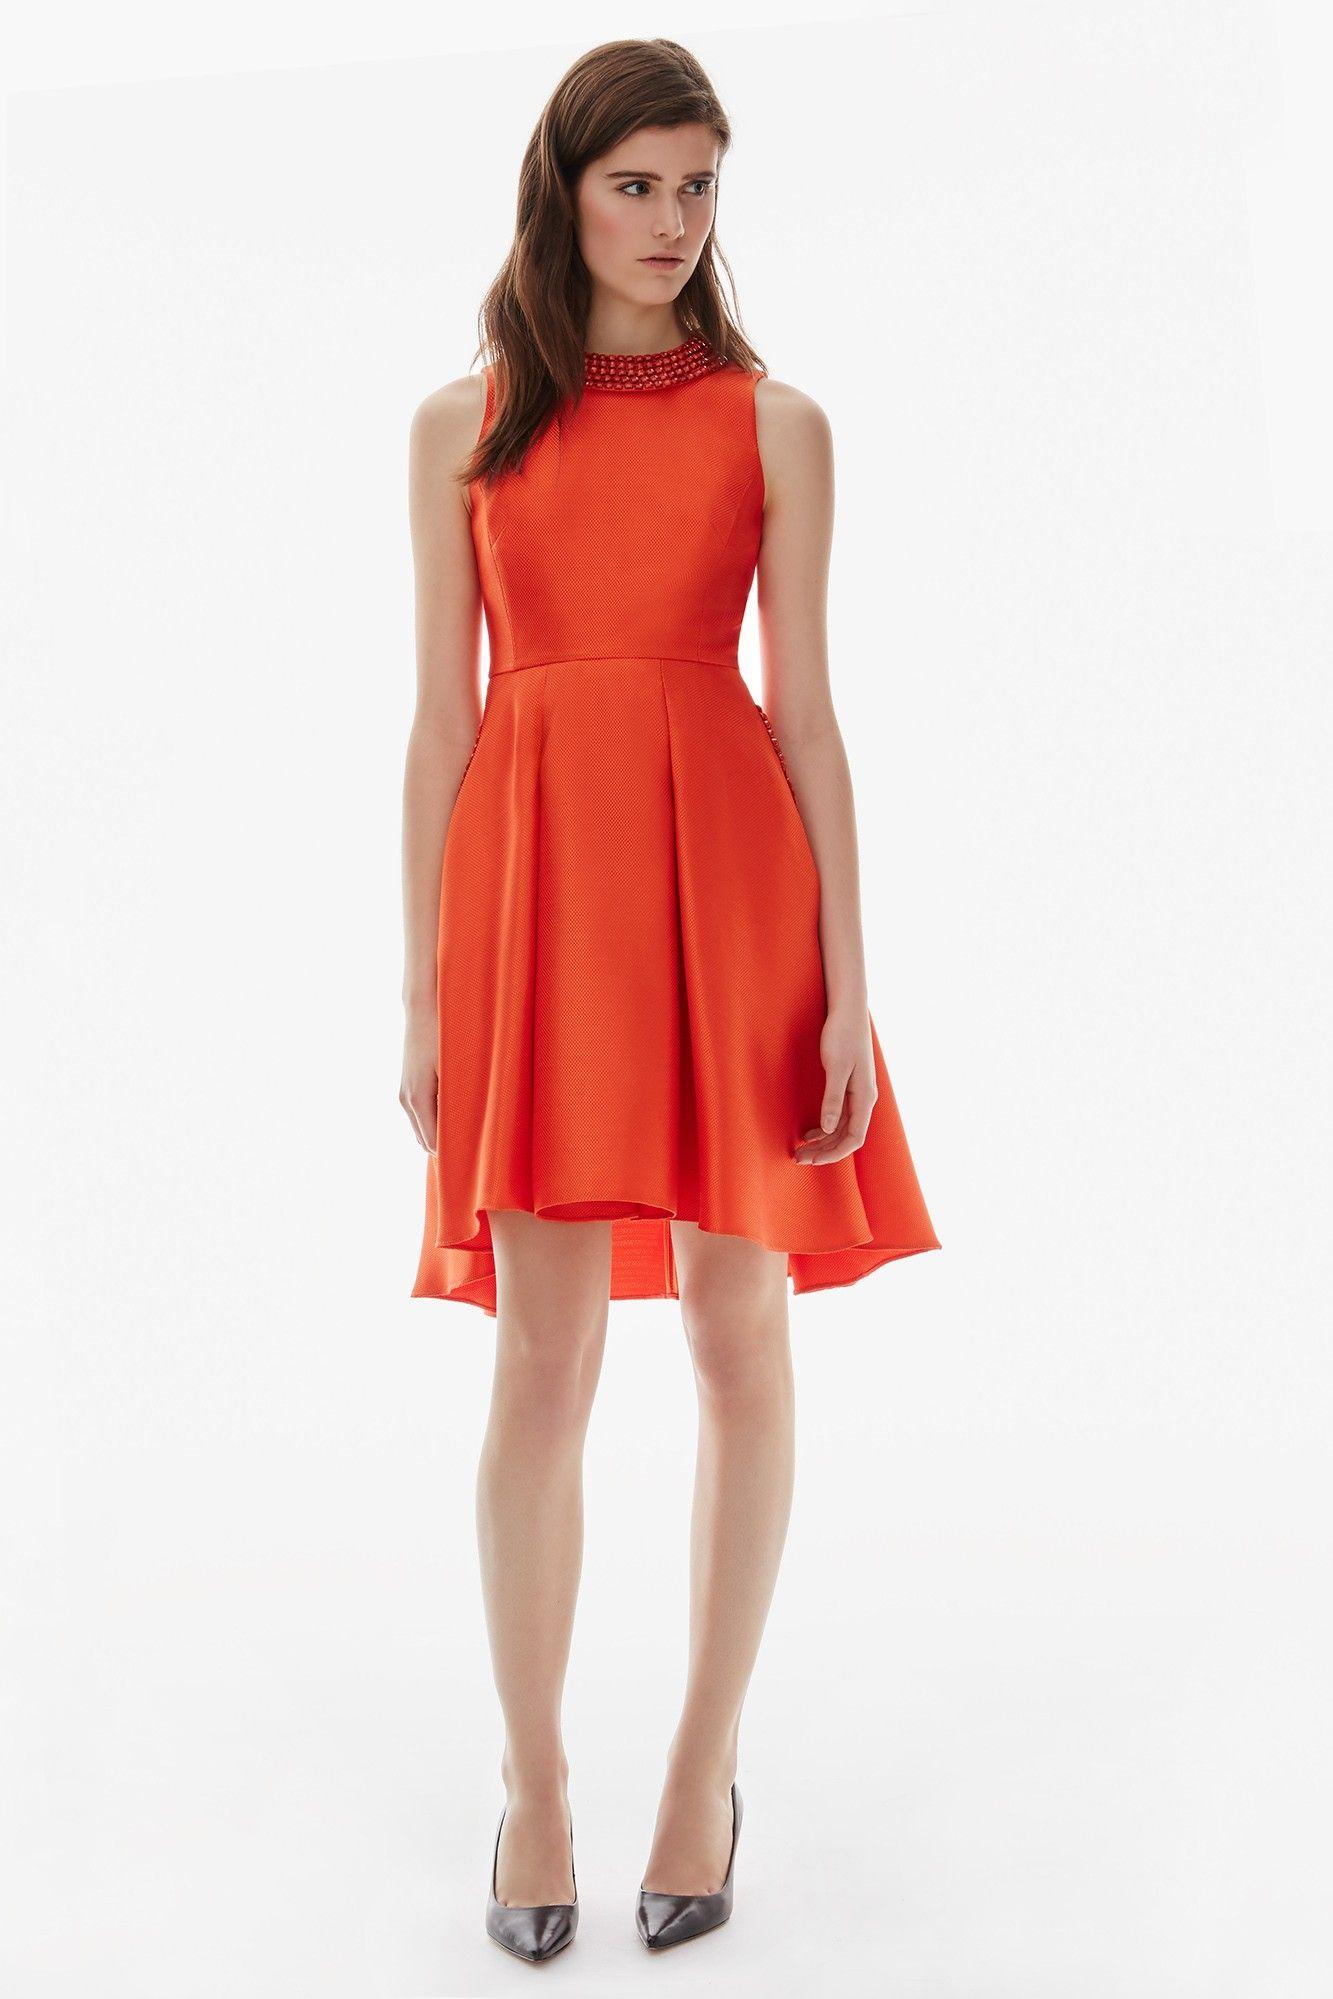 Vestido lady estilo a os 50 adolfo dominguez shop for Adolfo dominguez outlet online